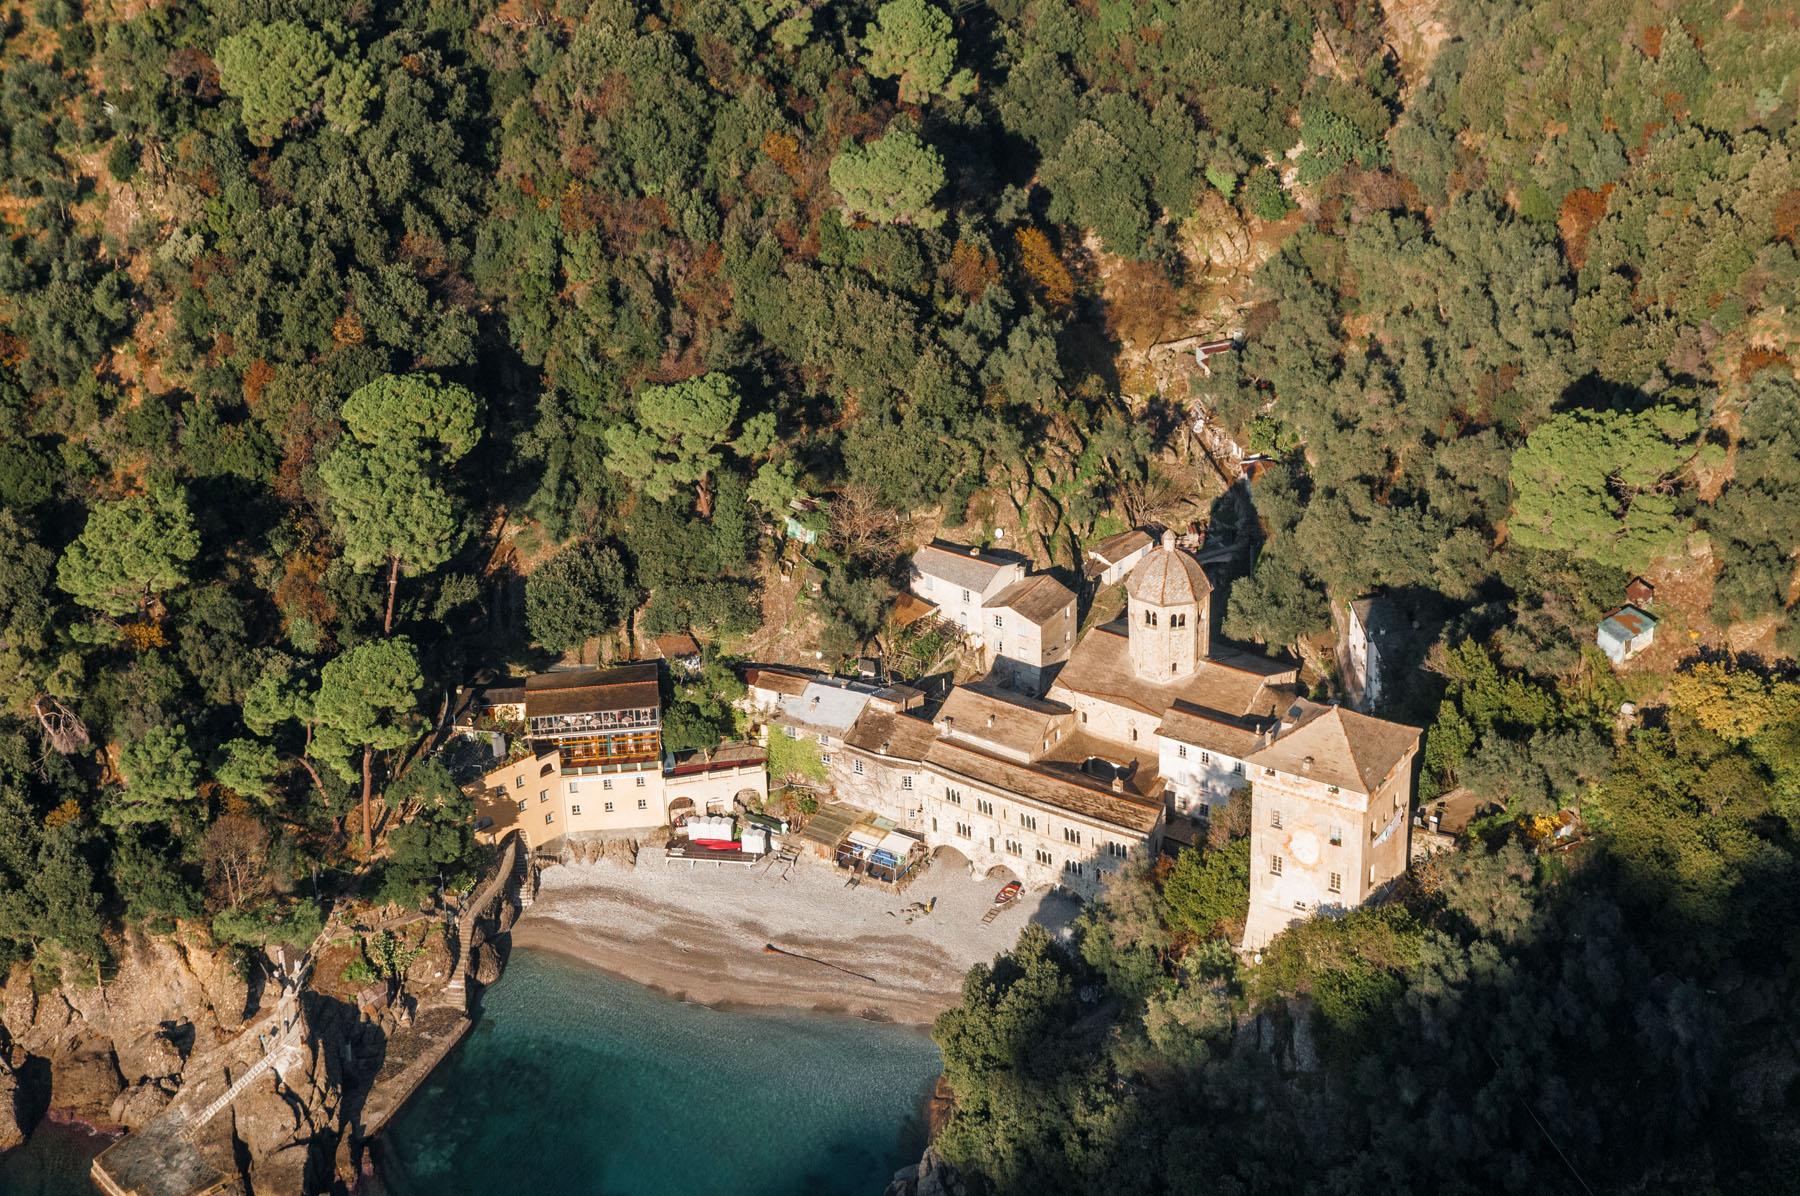 Il lavoro di restauro di Formento Restauri, ditta edile con sede a Finale Ligure, Savona, sull'Abbazia di San Fruttuoso.